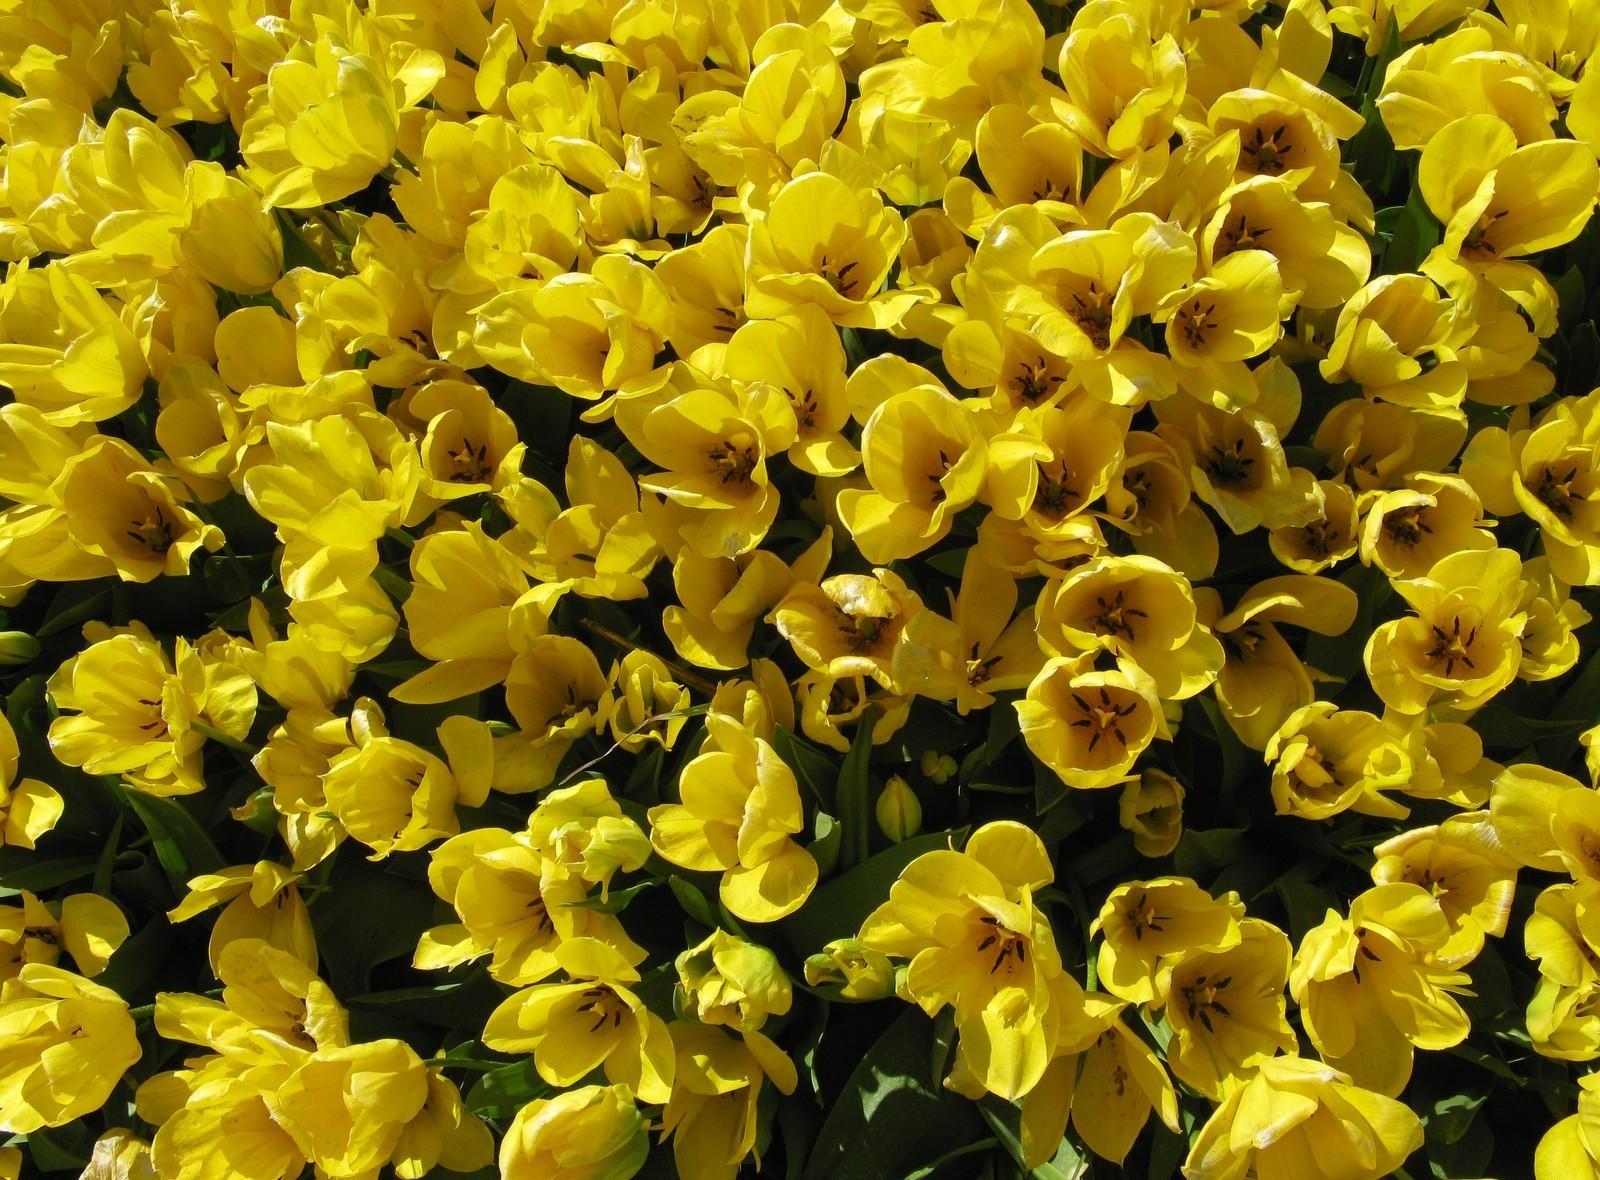 129368 скачать обои Цветы, Распущенные, Много, Тюльпаны - заставки и картинки бесплатно